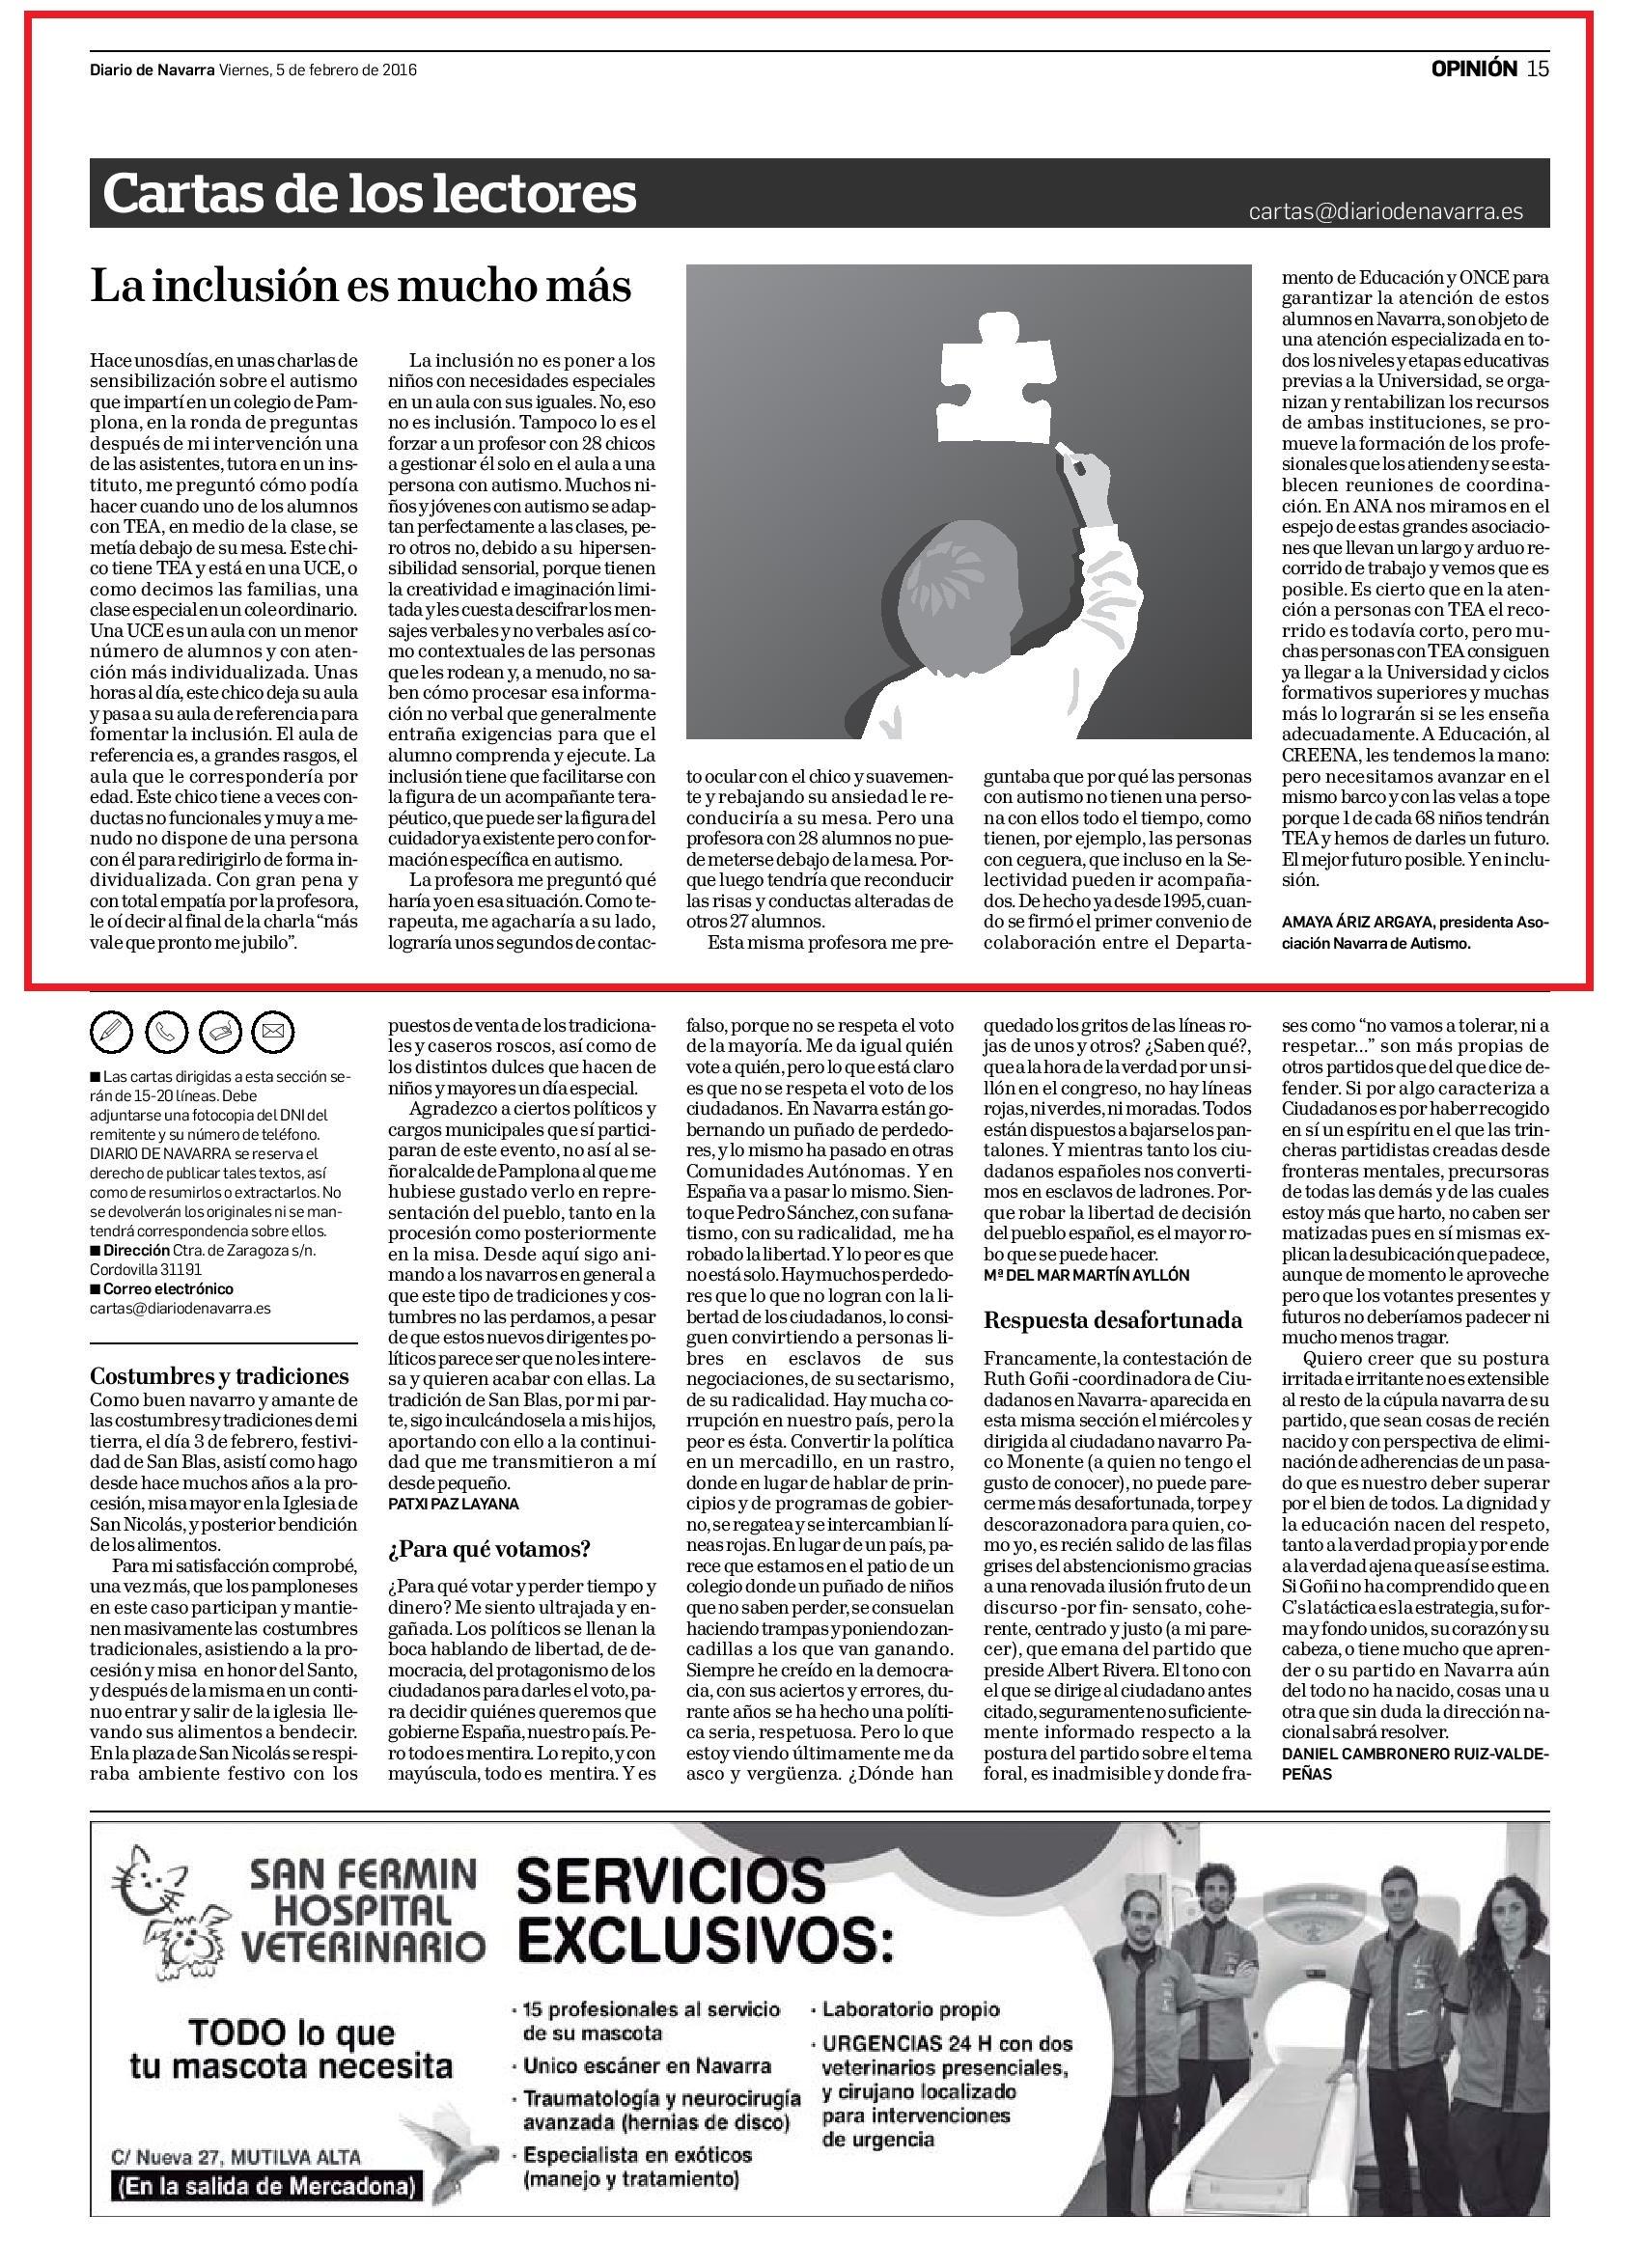 20160205 - Diario de Navarra - Opinión - pag 15-page-001.